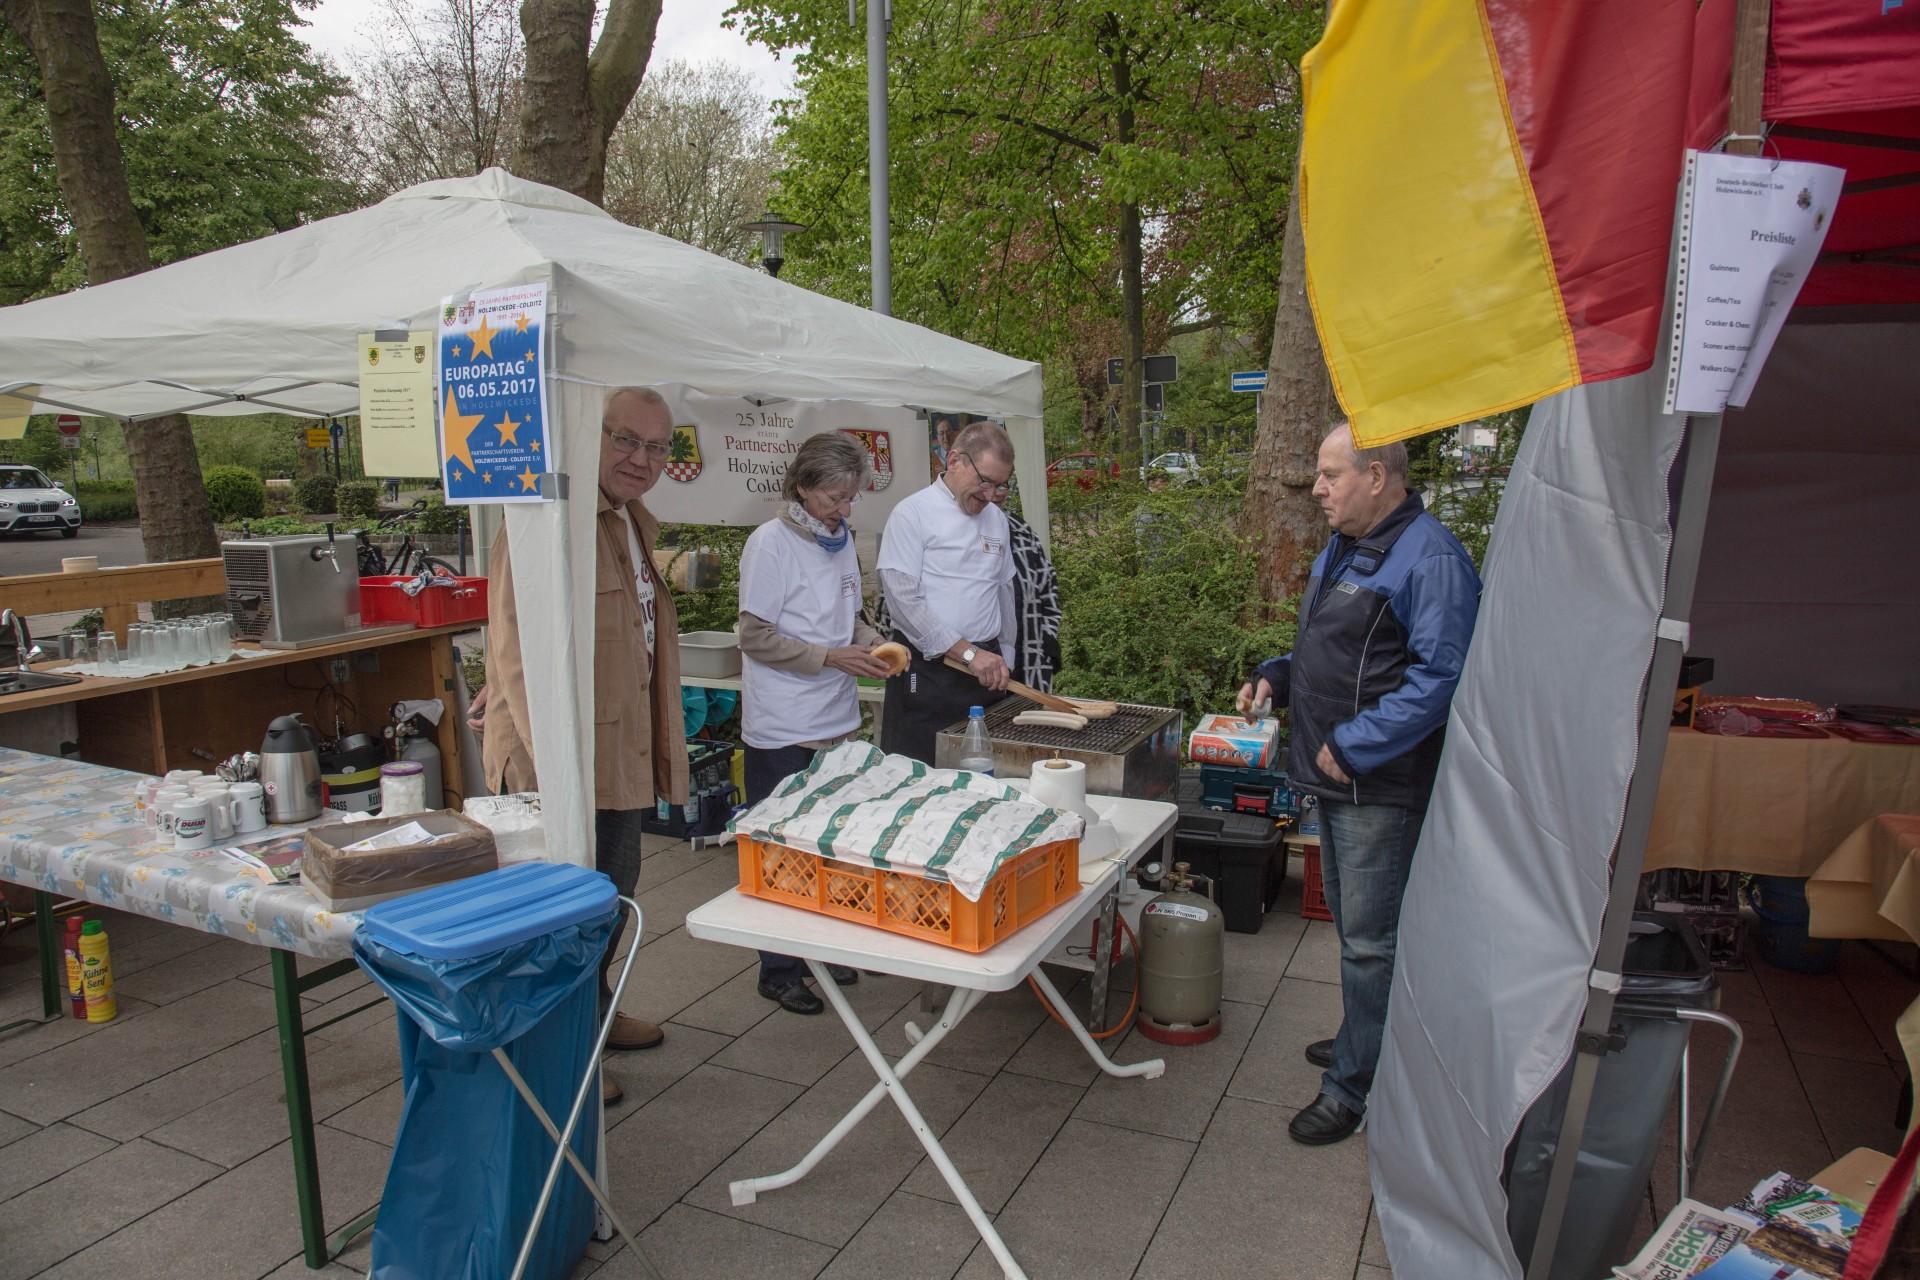 Herzhaftes vom Grill gab es am Stand des Partnerschaftsvereins Holzwickede-Colditz. (Foto: P. Gräber - Emscherblog.de)